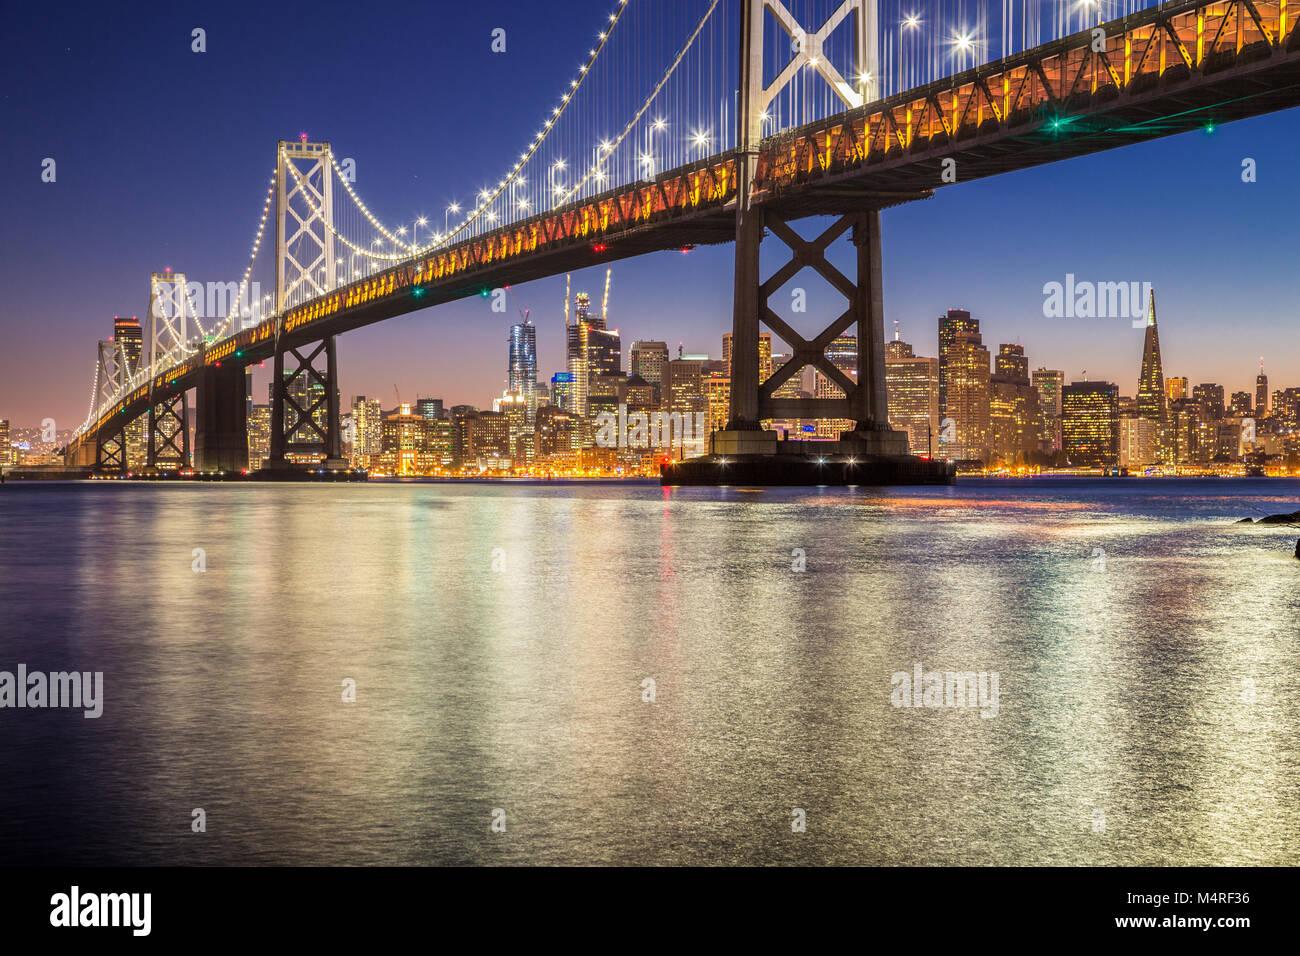 Classic vista panorámica del famoso Puente de la Bahía de Oakland con el horizonte de San Francisco iluminado Imagen De Stock